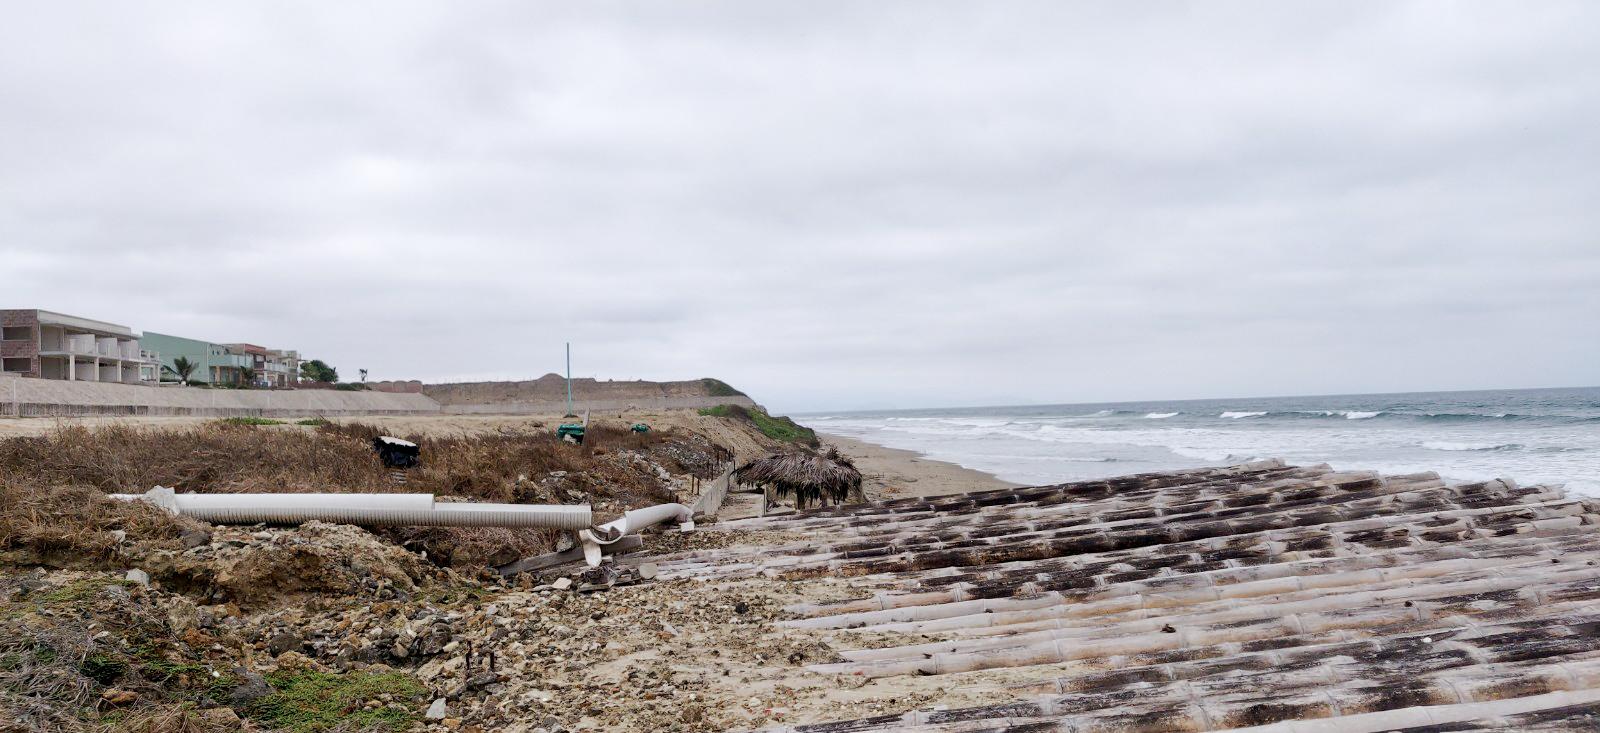 HolaEcuador describes this as a 'pristine beach'